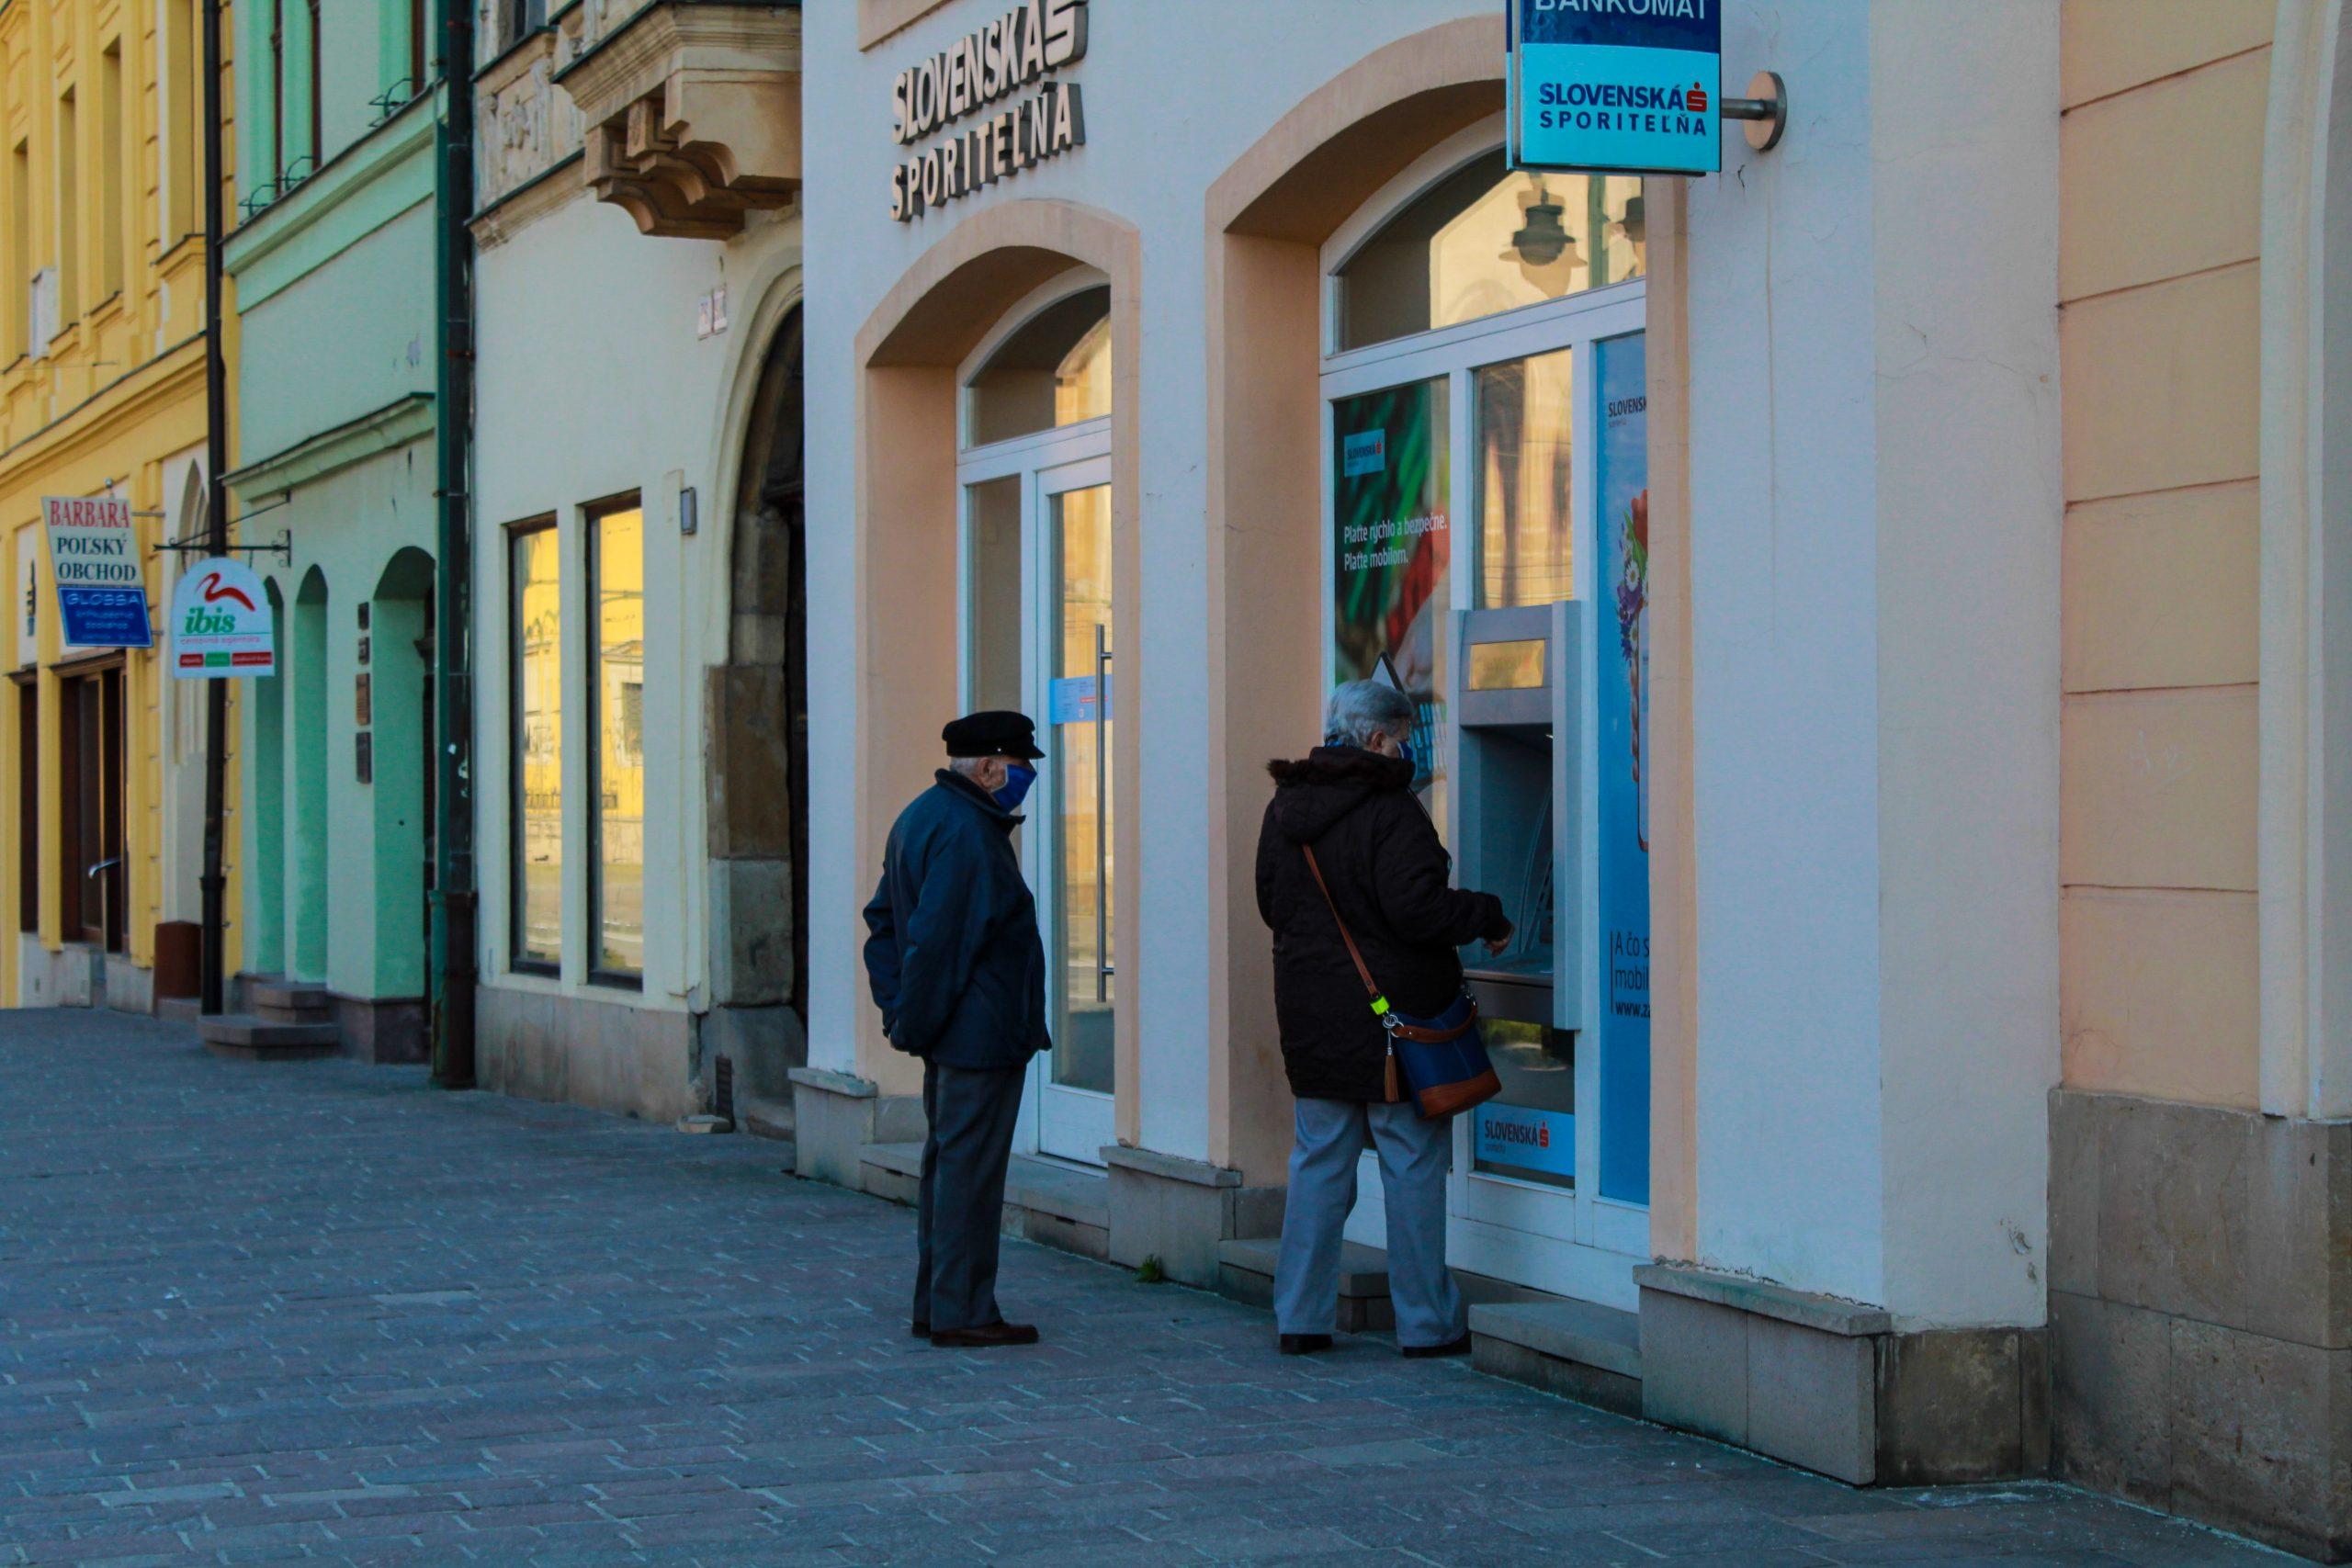 Karanténa v Prešove